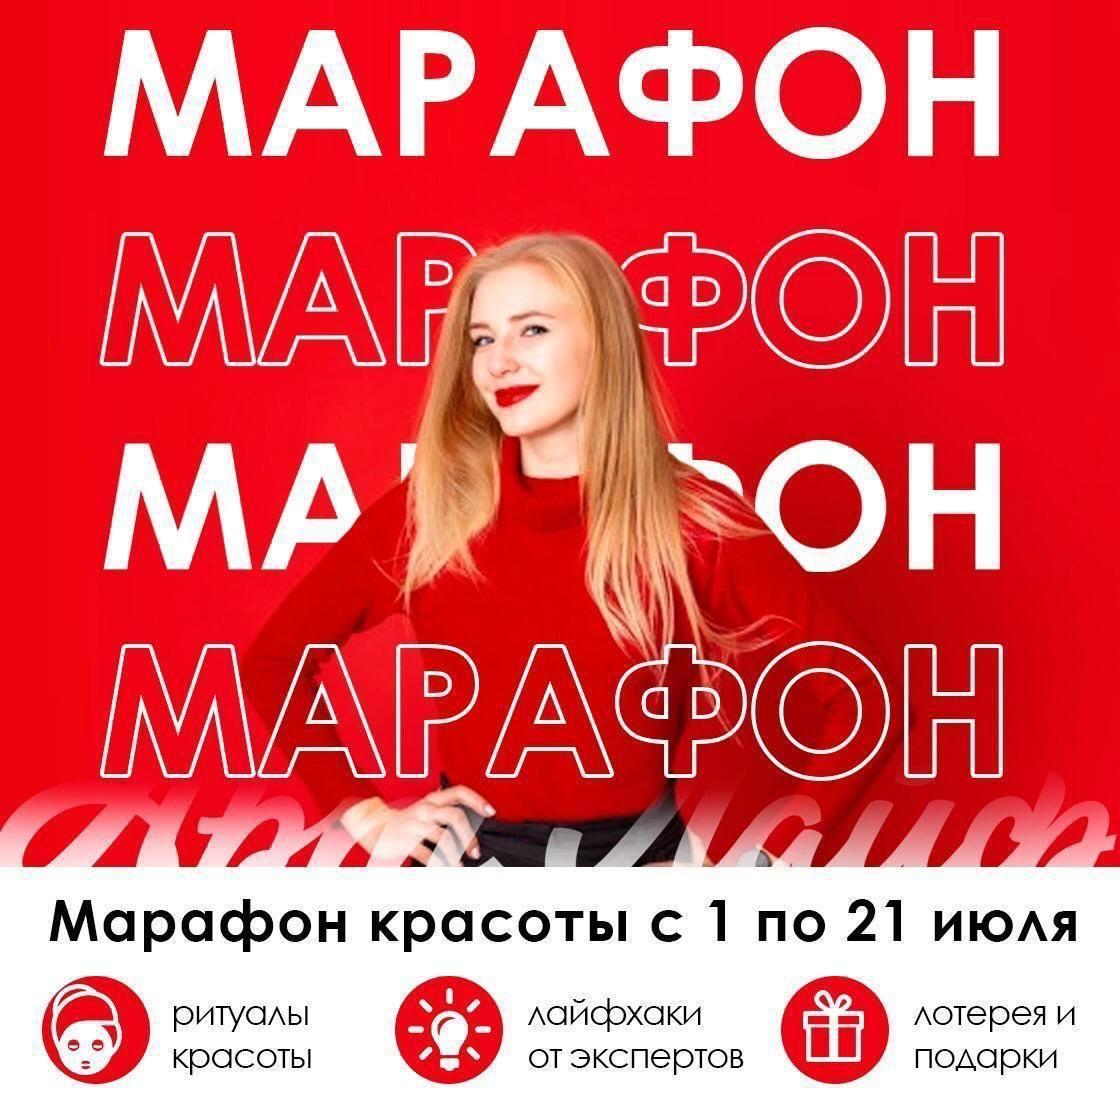 МАРАФОН КРАСОТЫ С 1 ПО 21 ИЮЛЯ